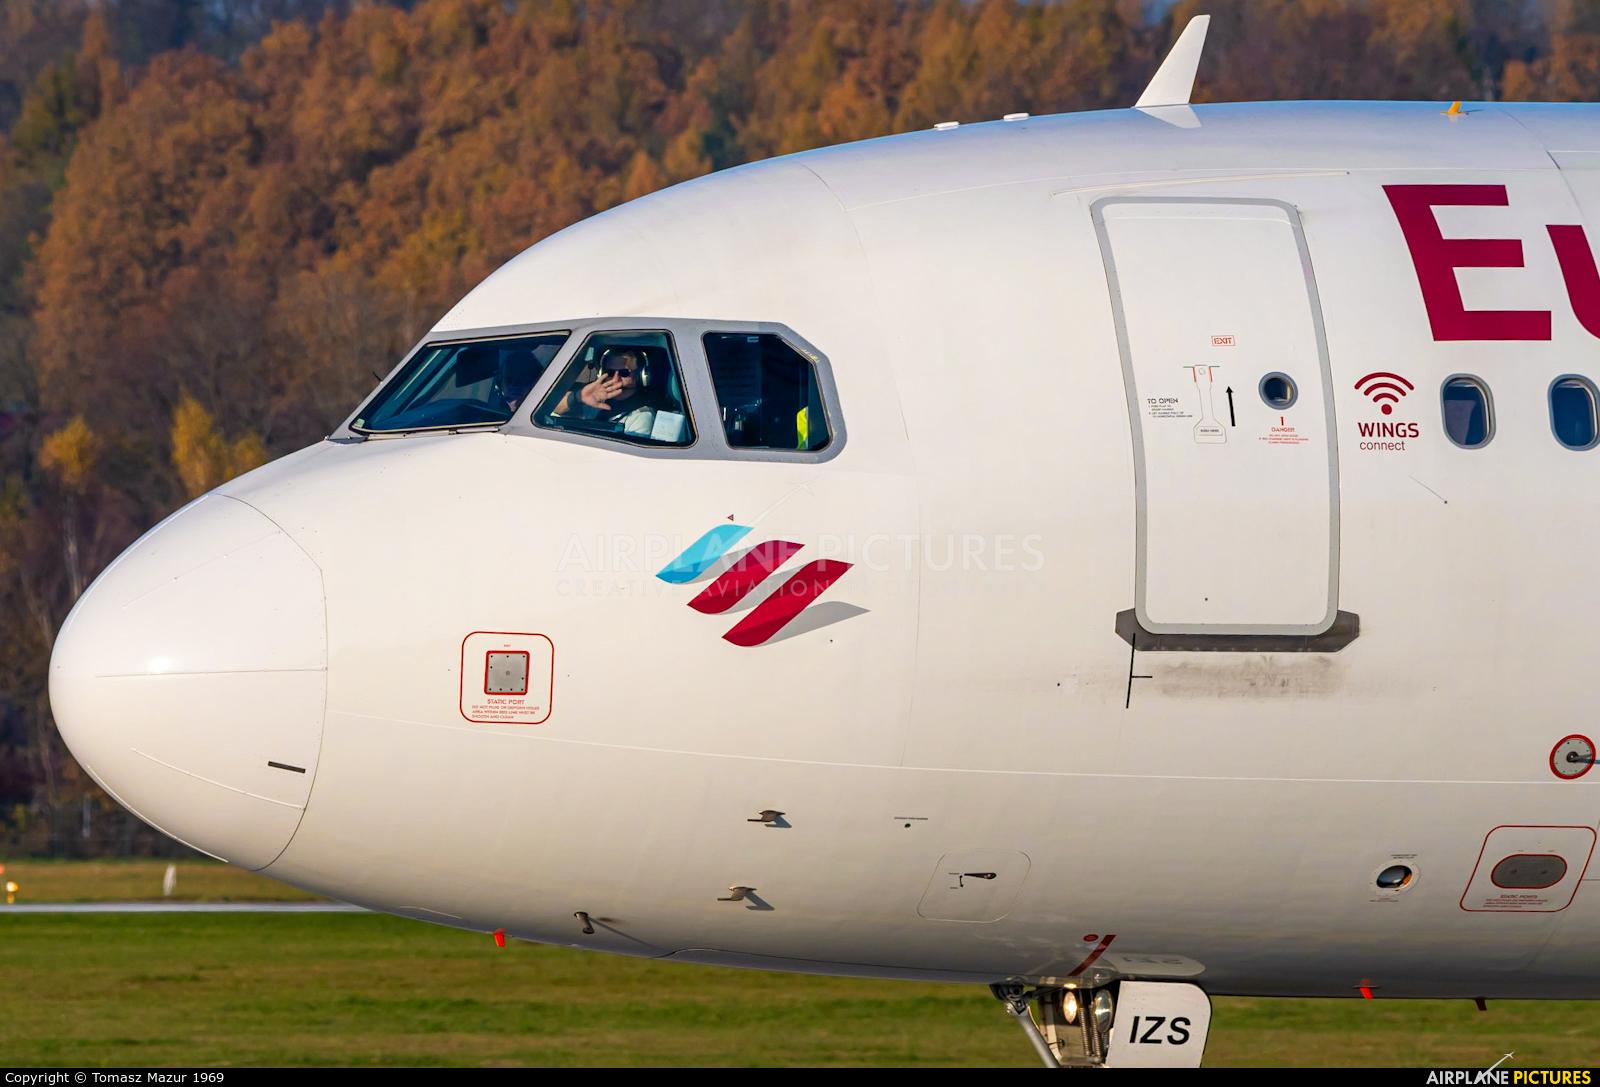 Eurowings D-AIZS aircraft at Kraków - John Paul II Intl